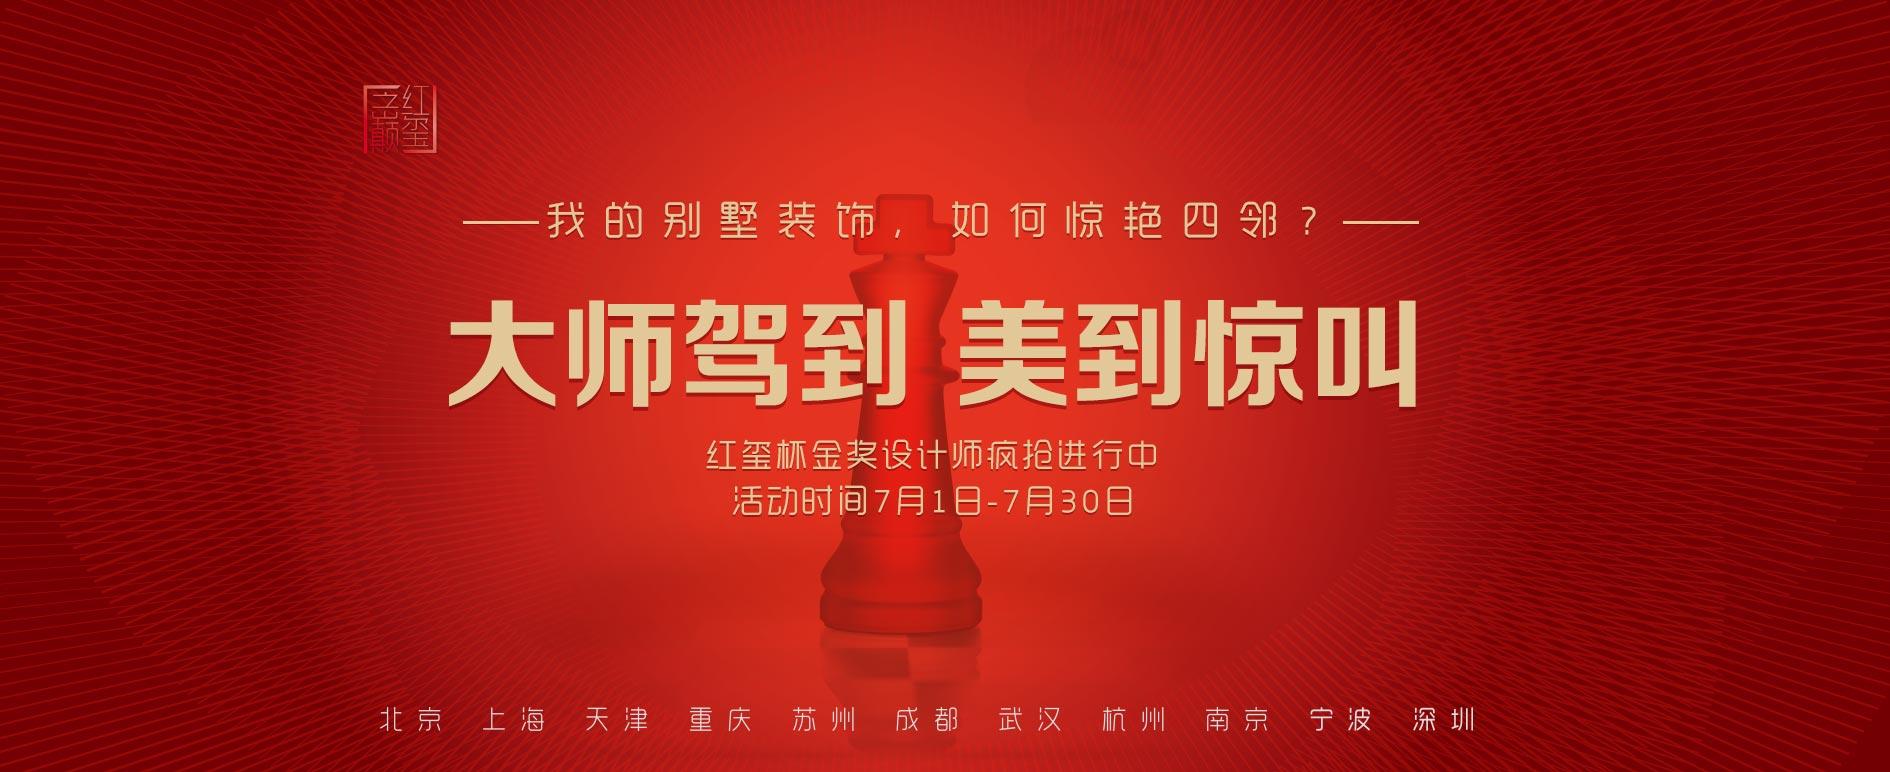 南京尚层装饰红玺之巅